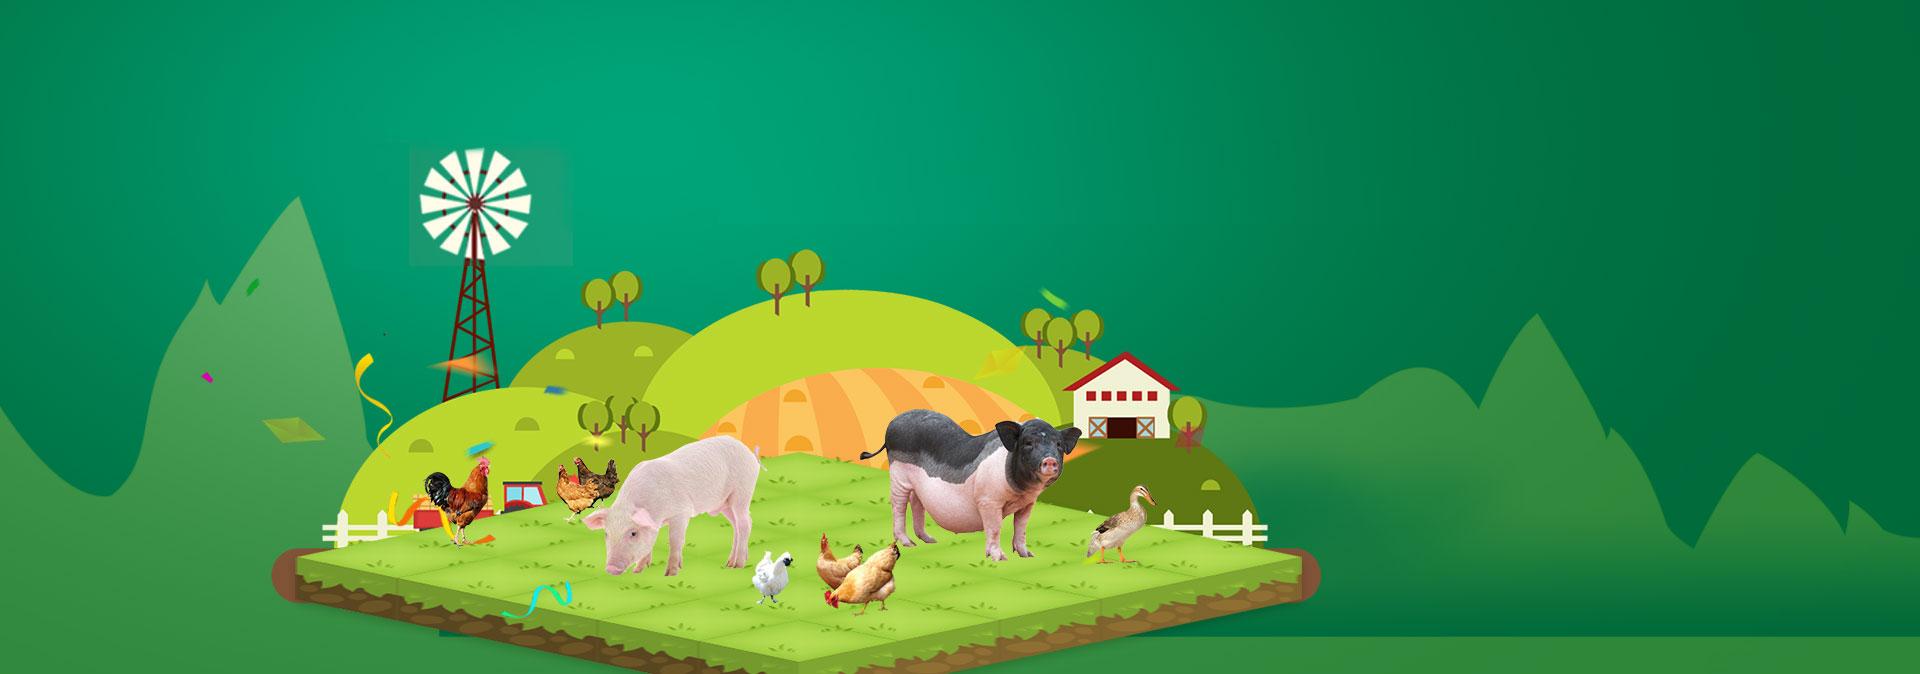 qy188千亿国际养殖成本更低、更赚钱,做高性价比饲料领导者